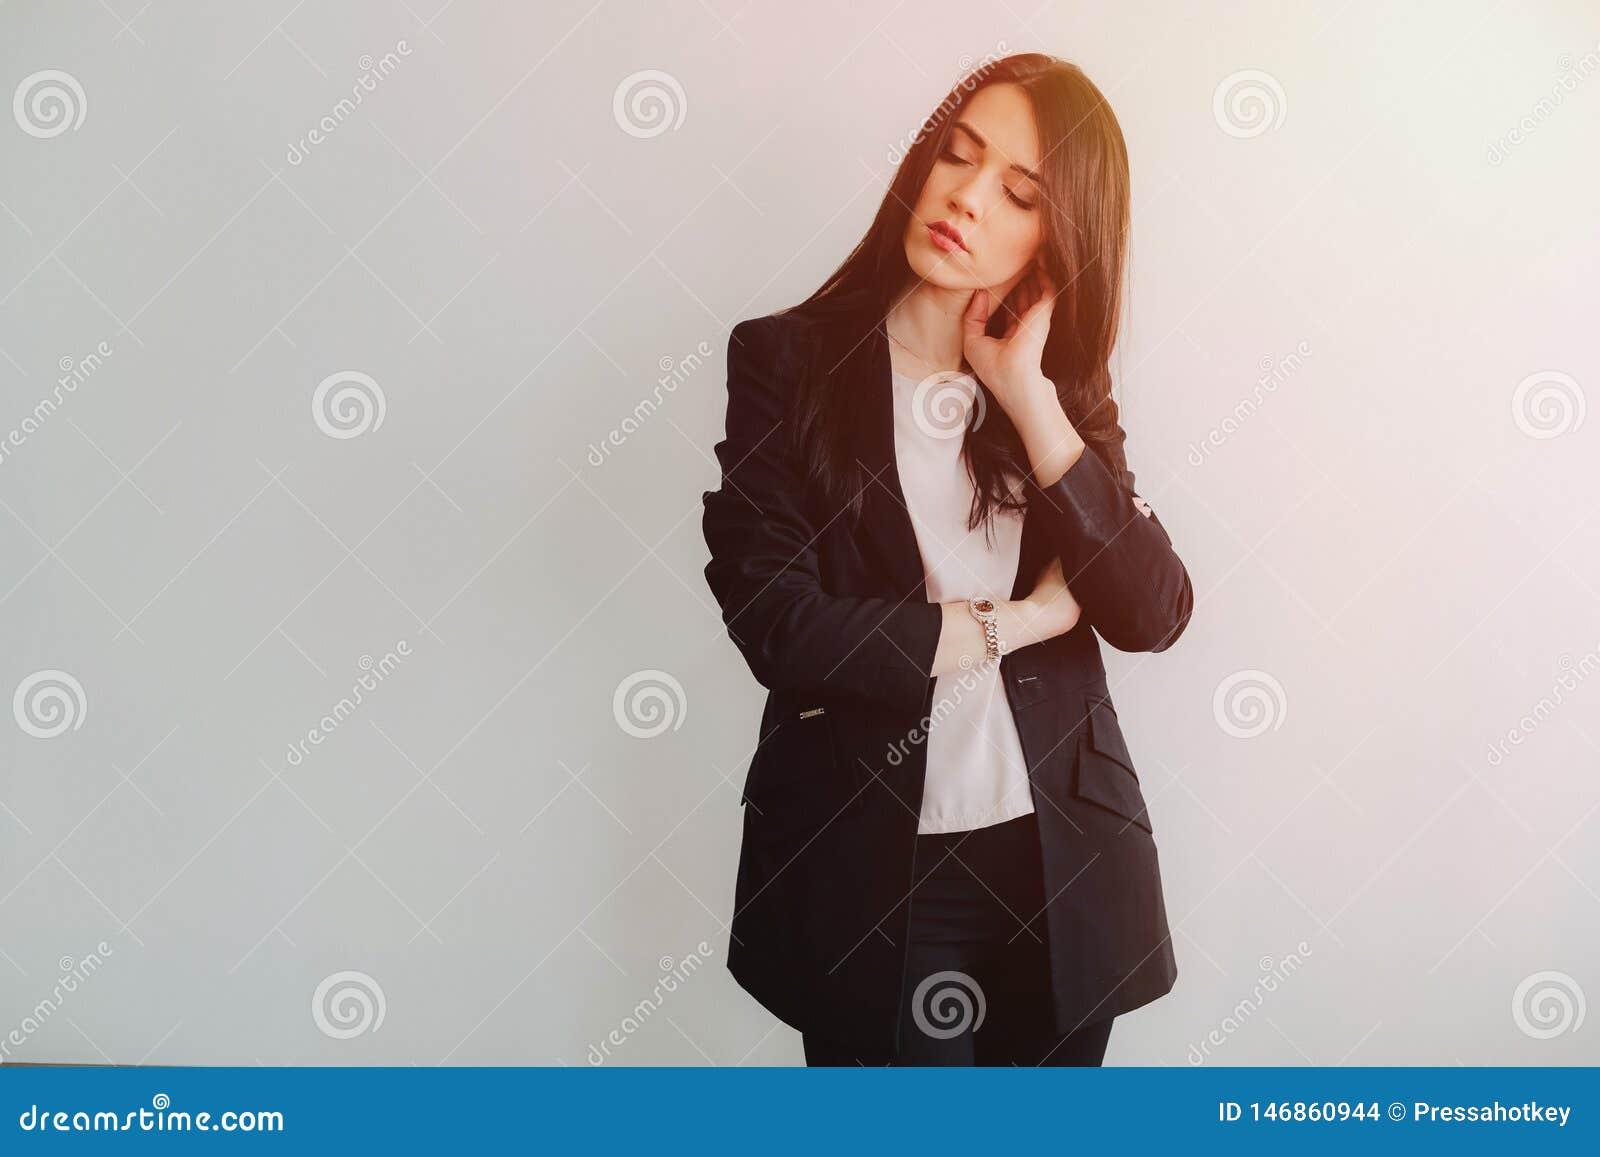 Молодая привлекательная эмоциональная девушка в одеждах дел-стиля на простой белой предпосылке в офисе или аудитории